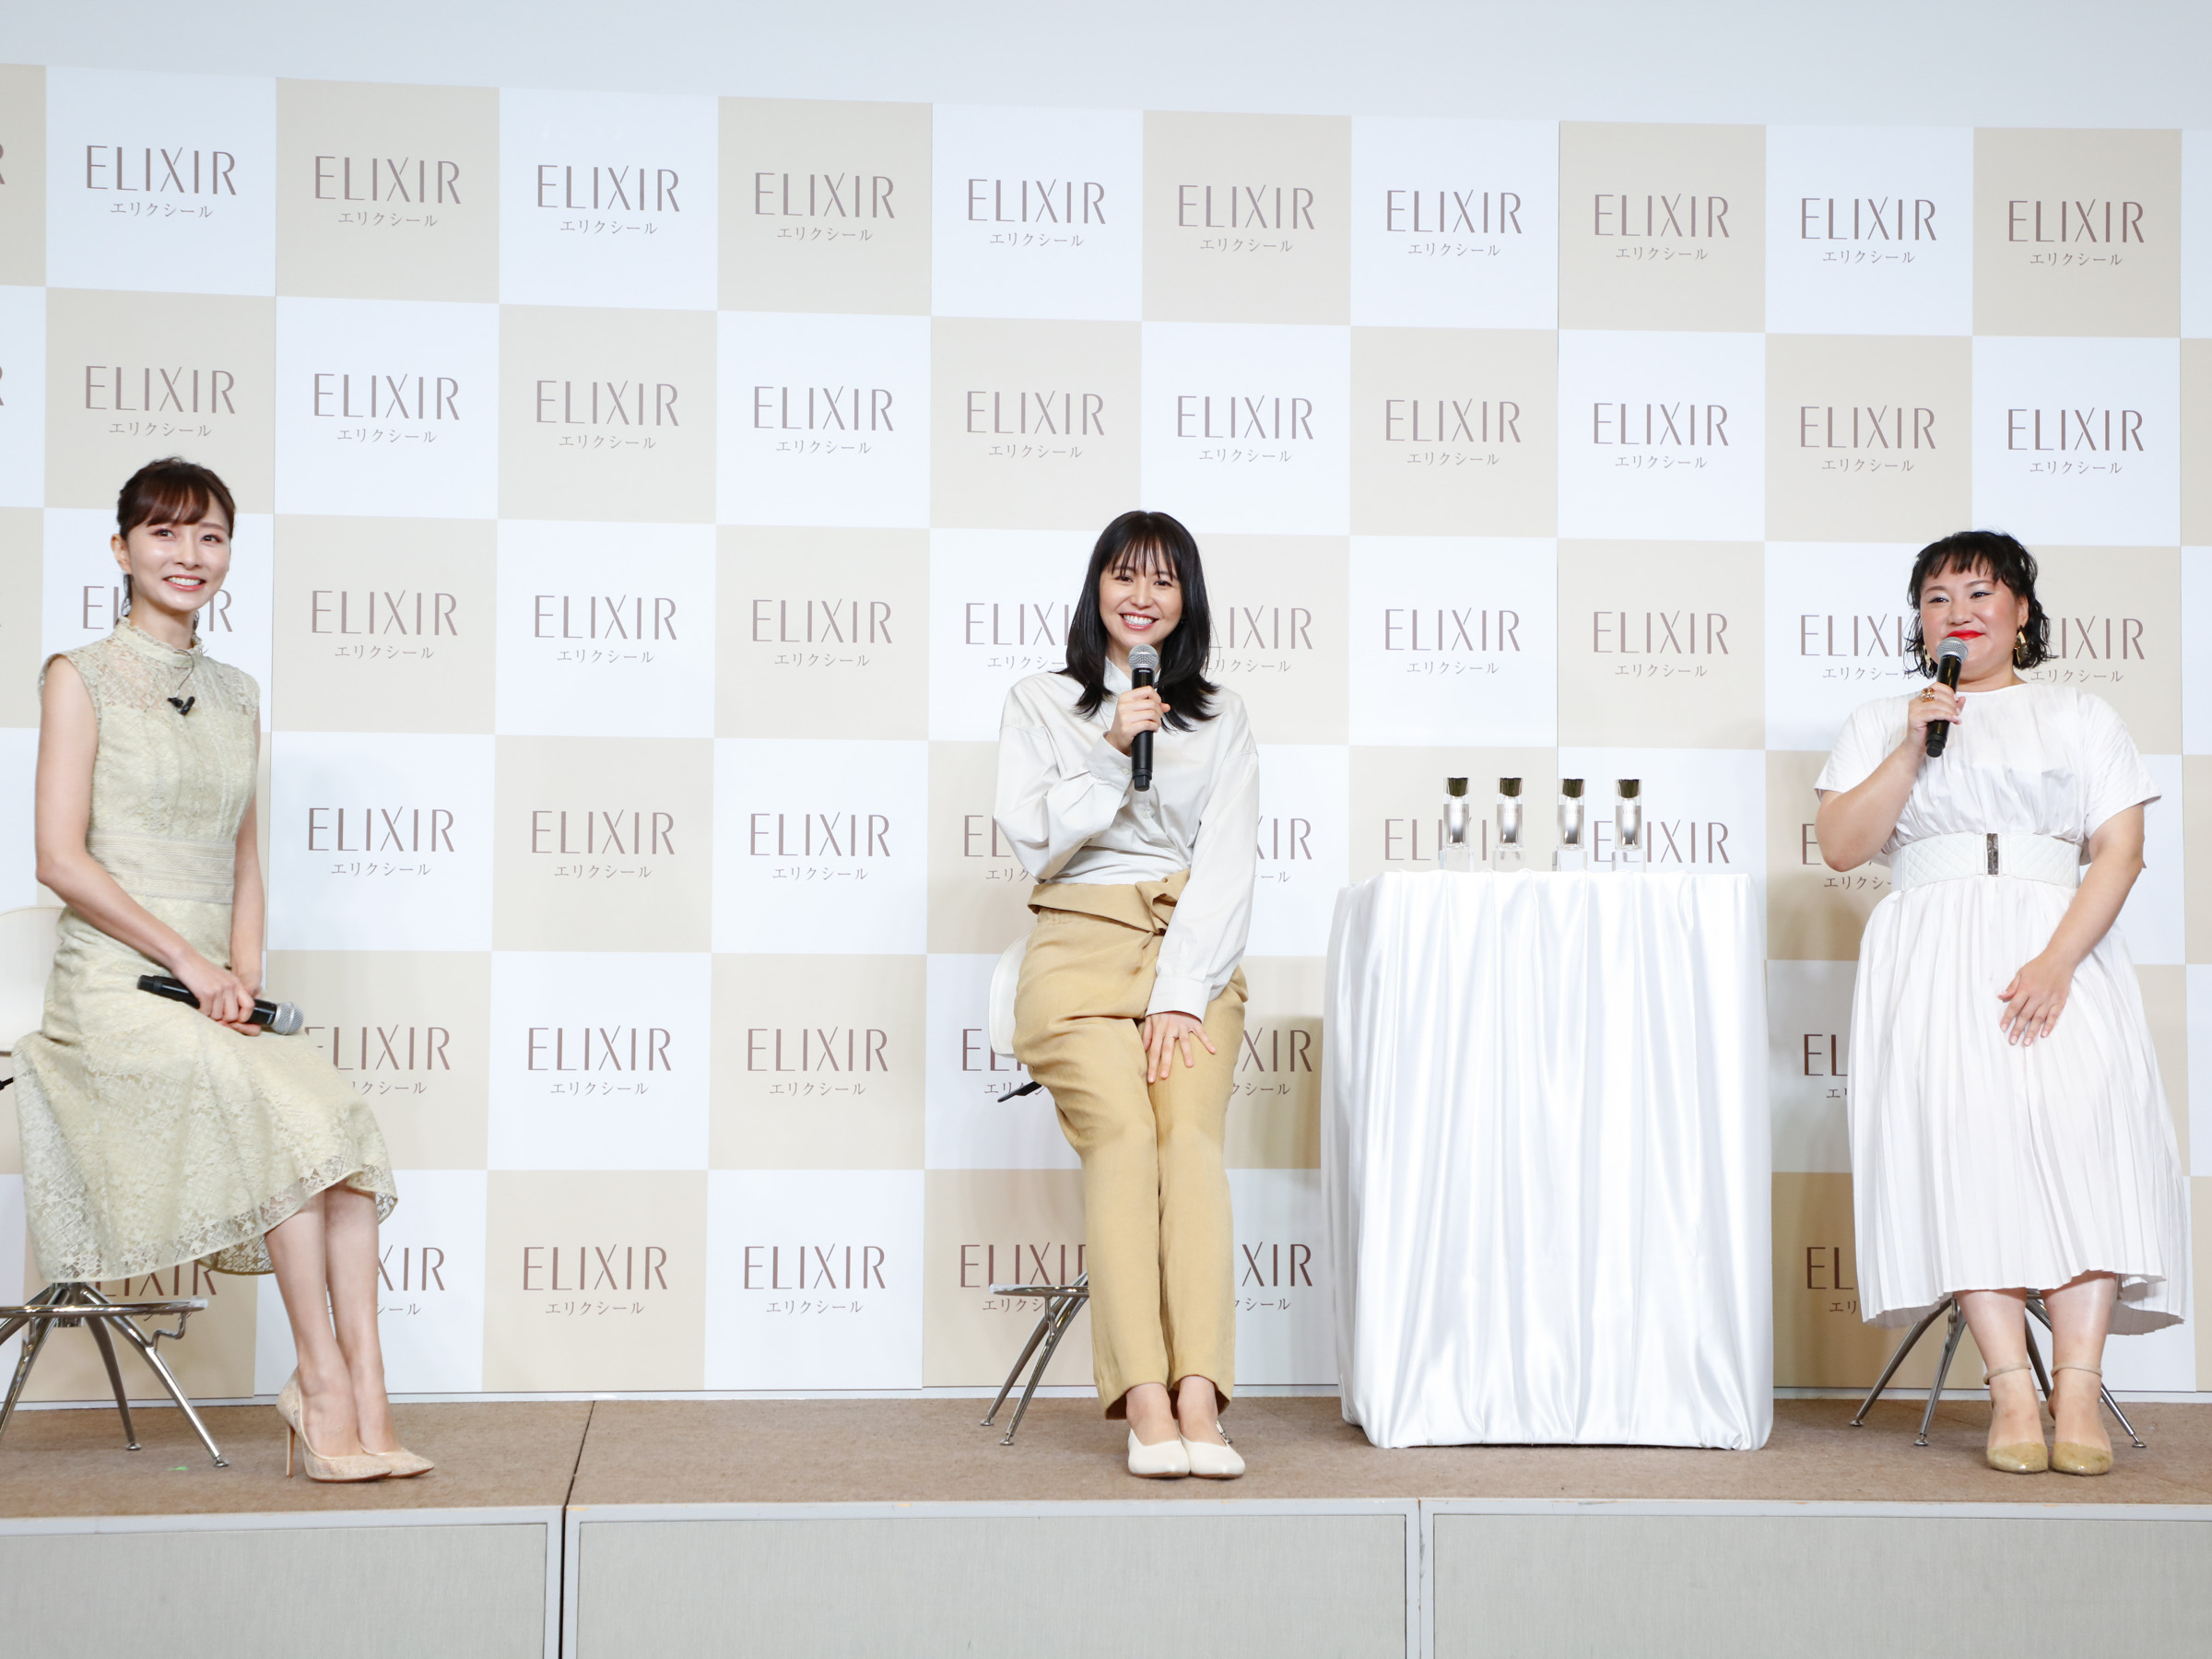 石井美保・長澤まさみ・バービー/エリクシールの新ミューズ発表会にて(2020年8月20日)